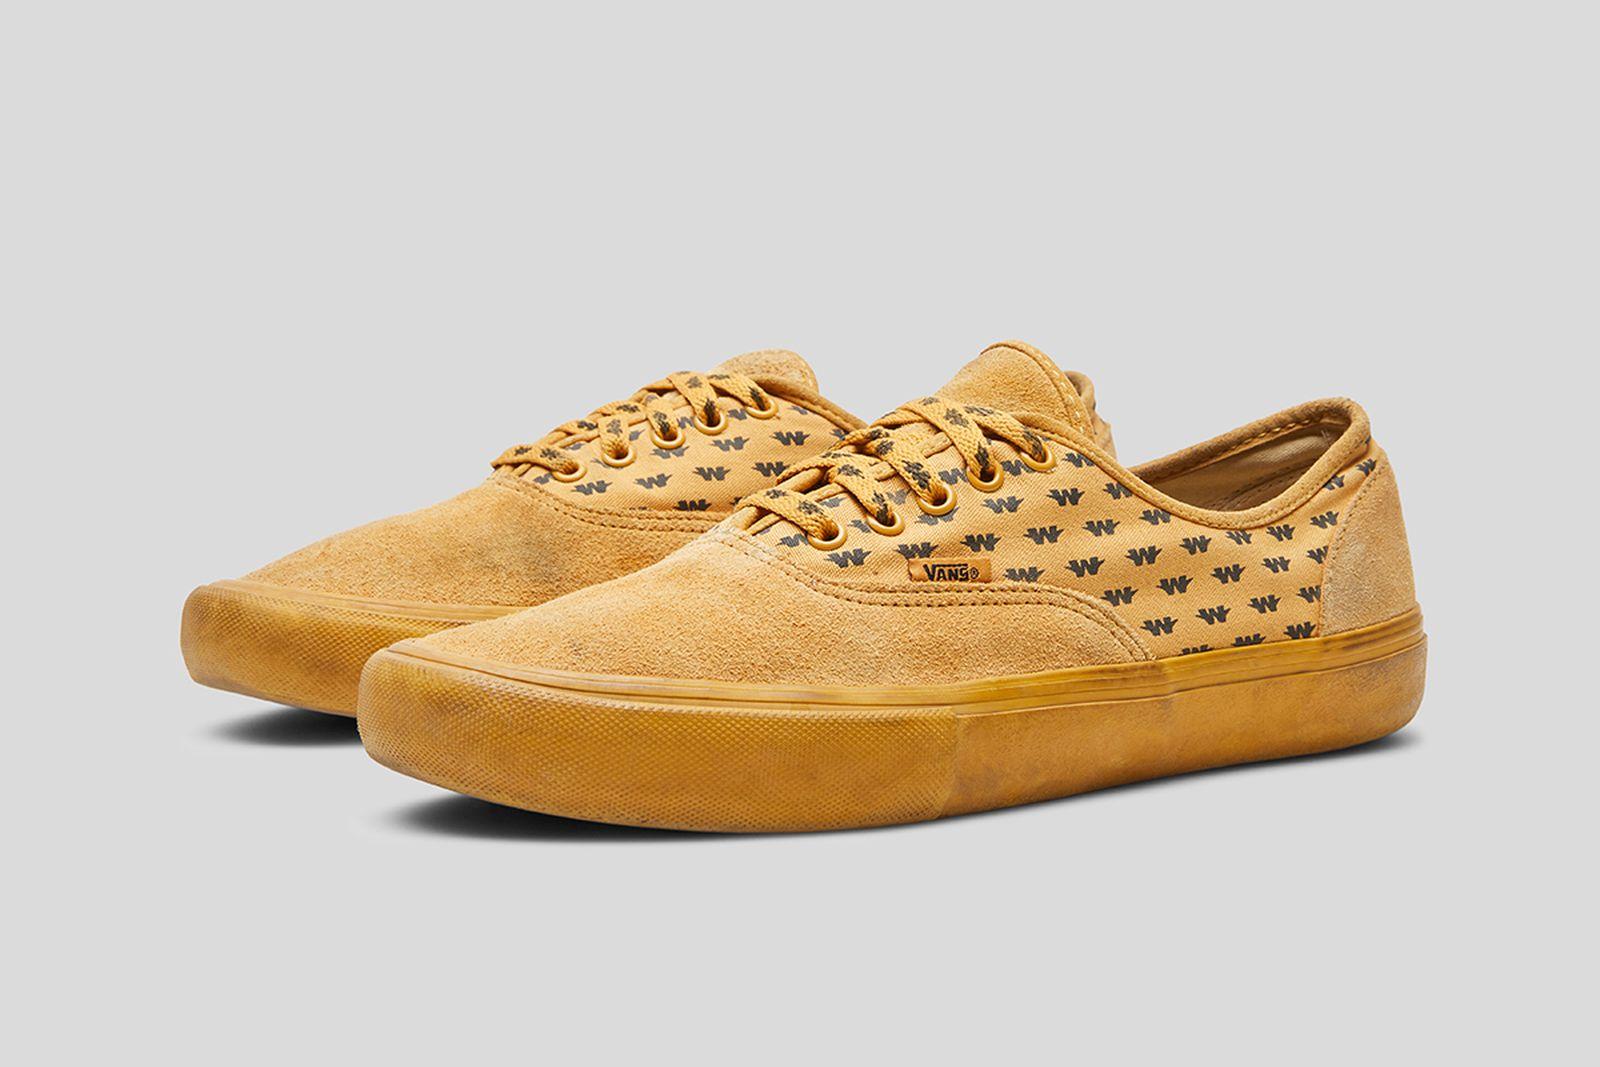 salehe-bembury-grailed-sneaker-sale-09